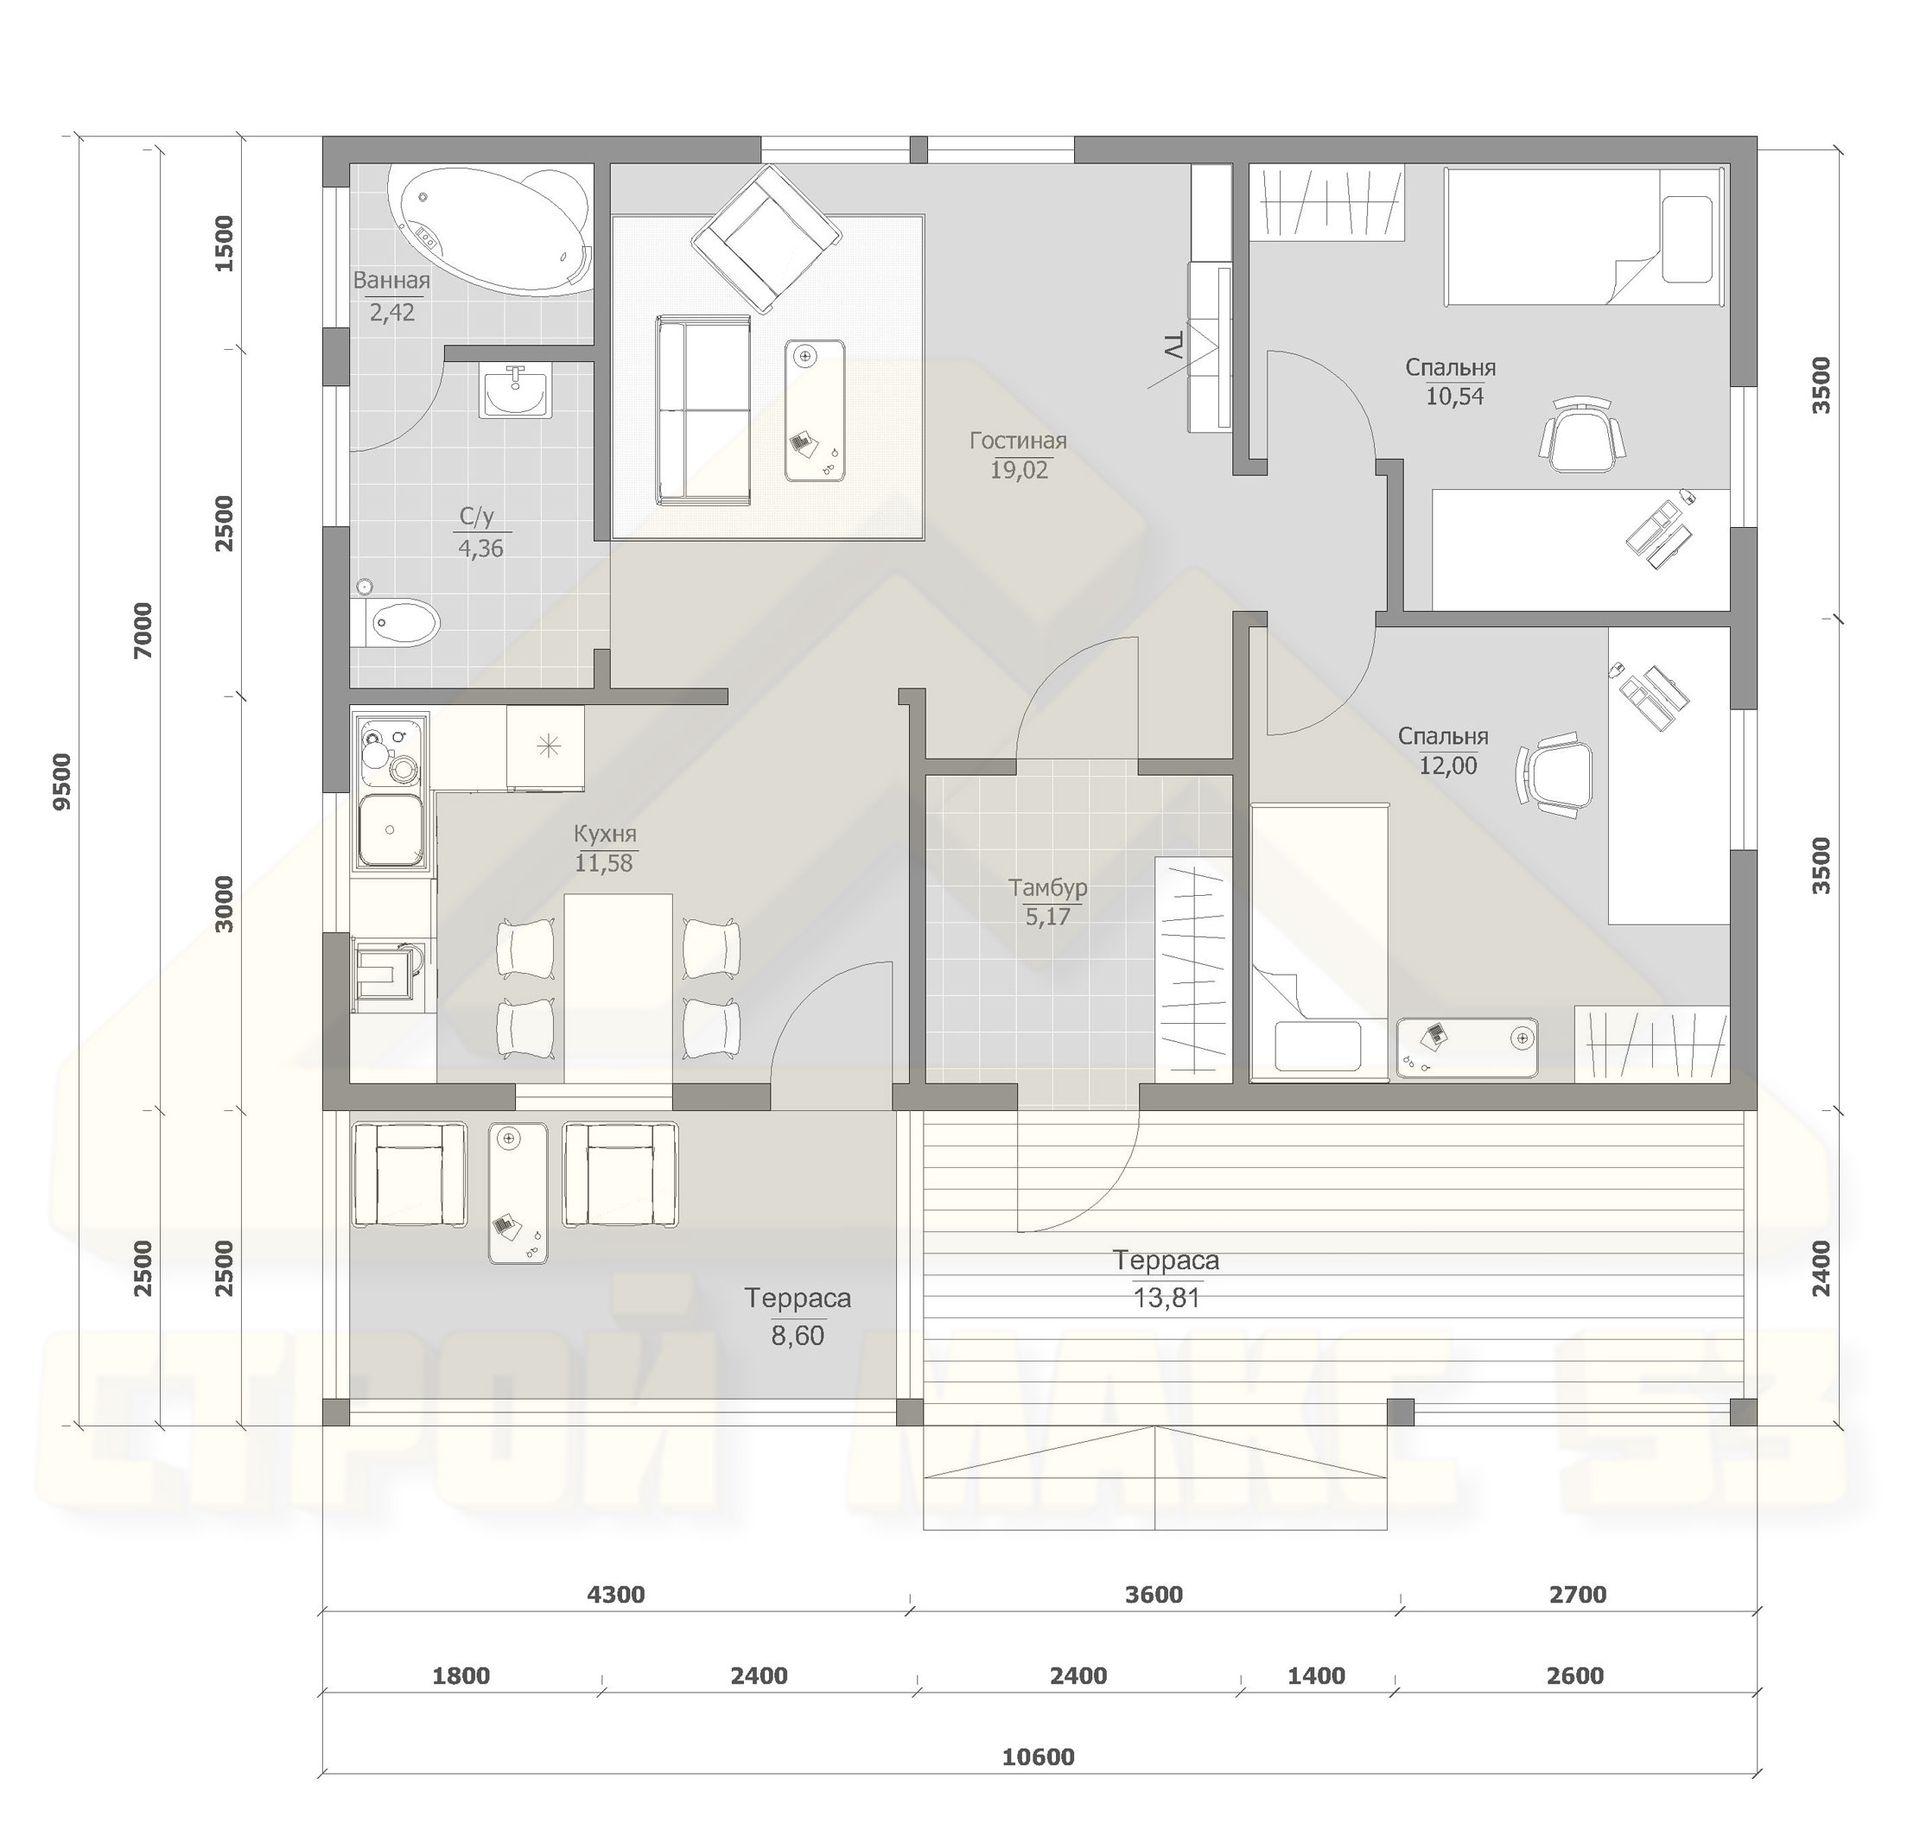 дом одноэтажный проект фото